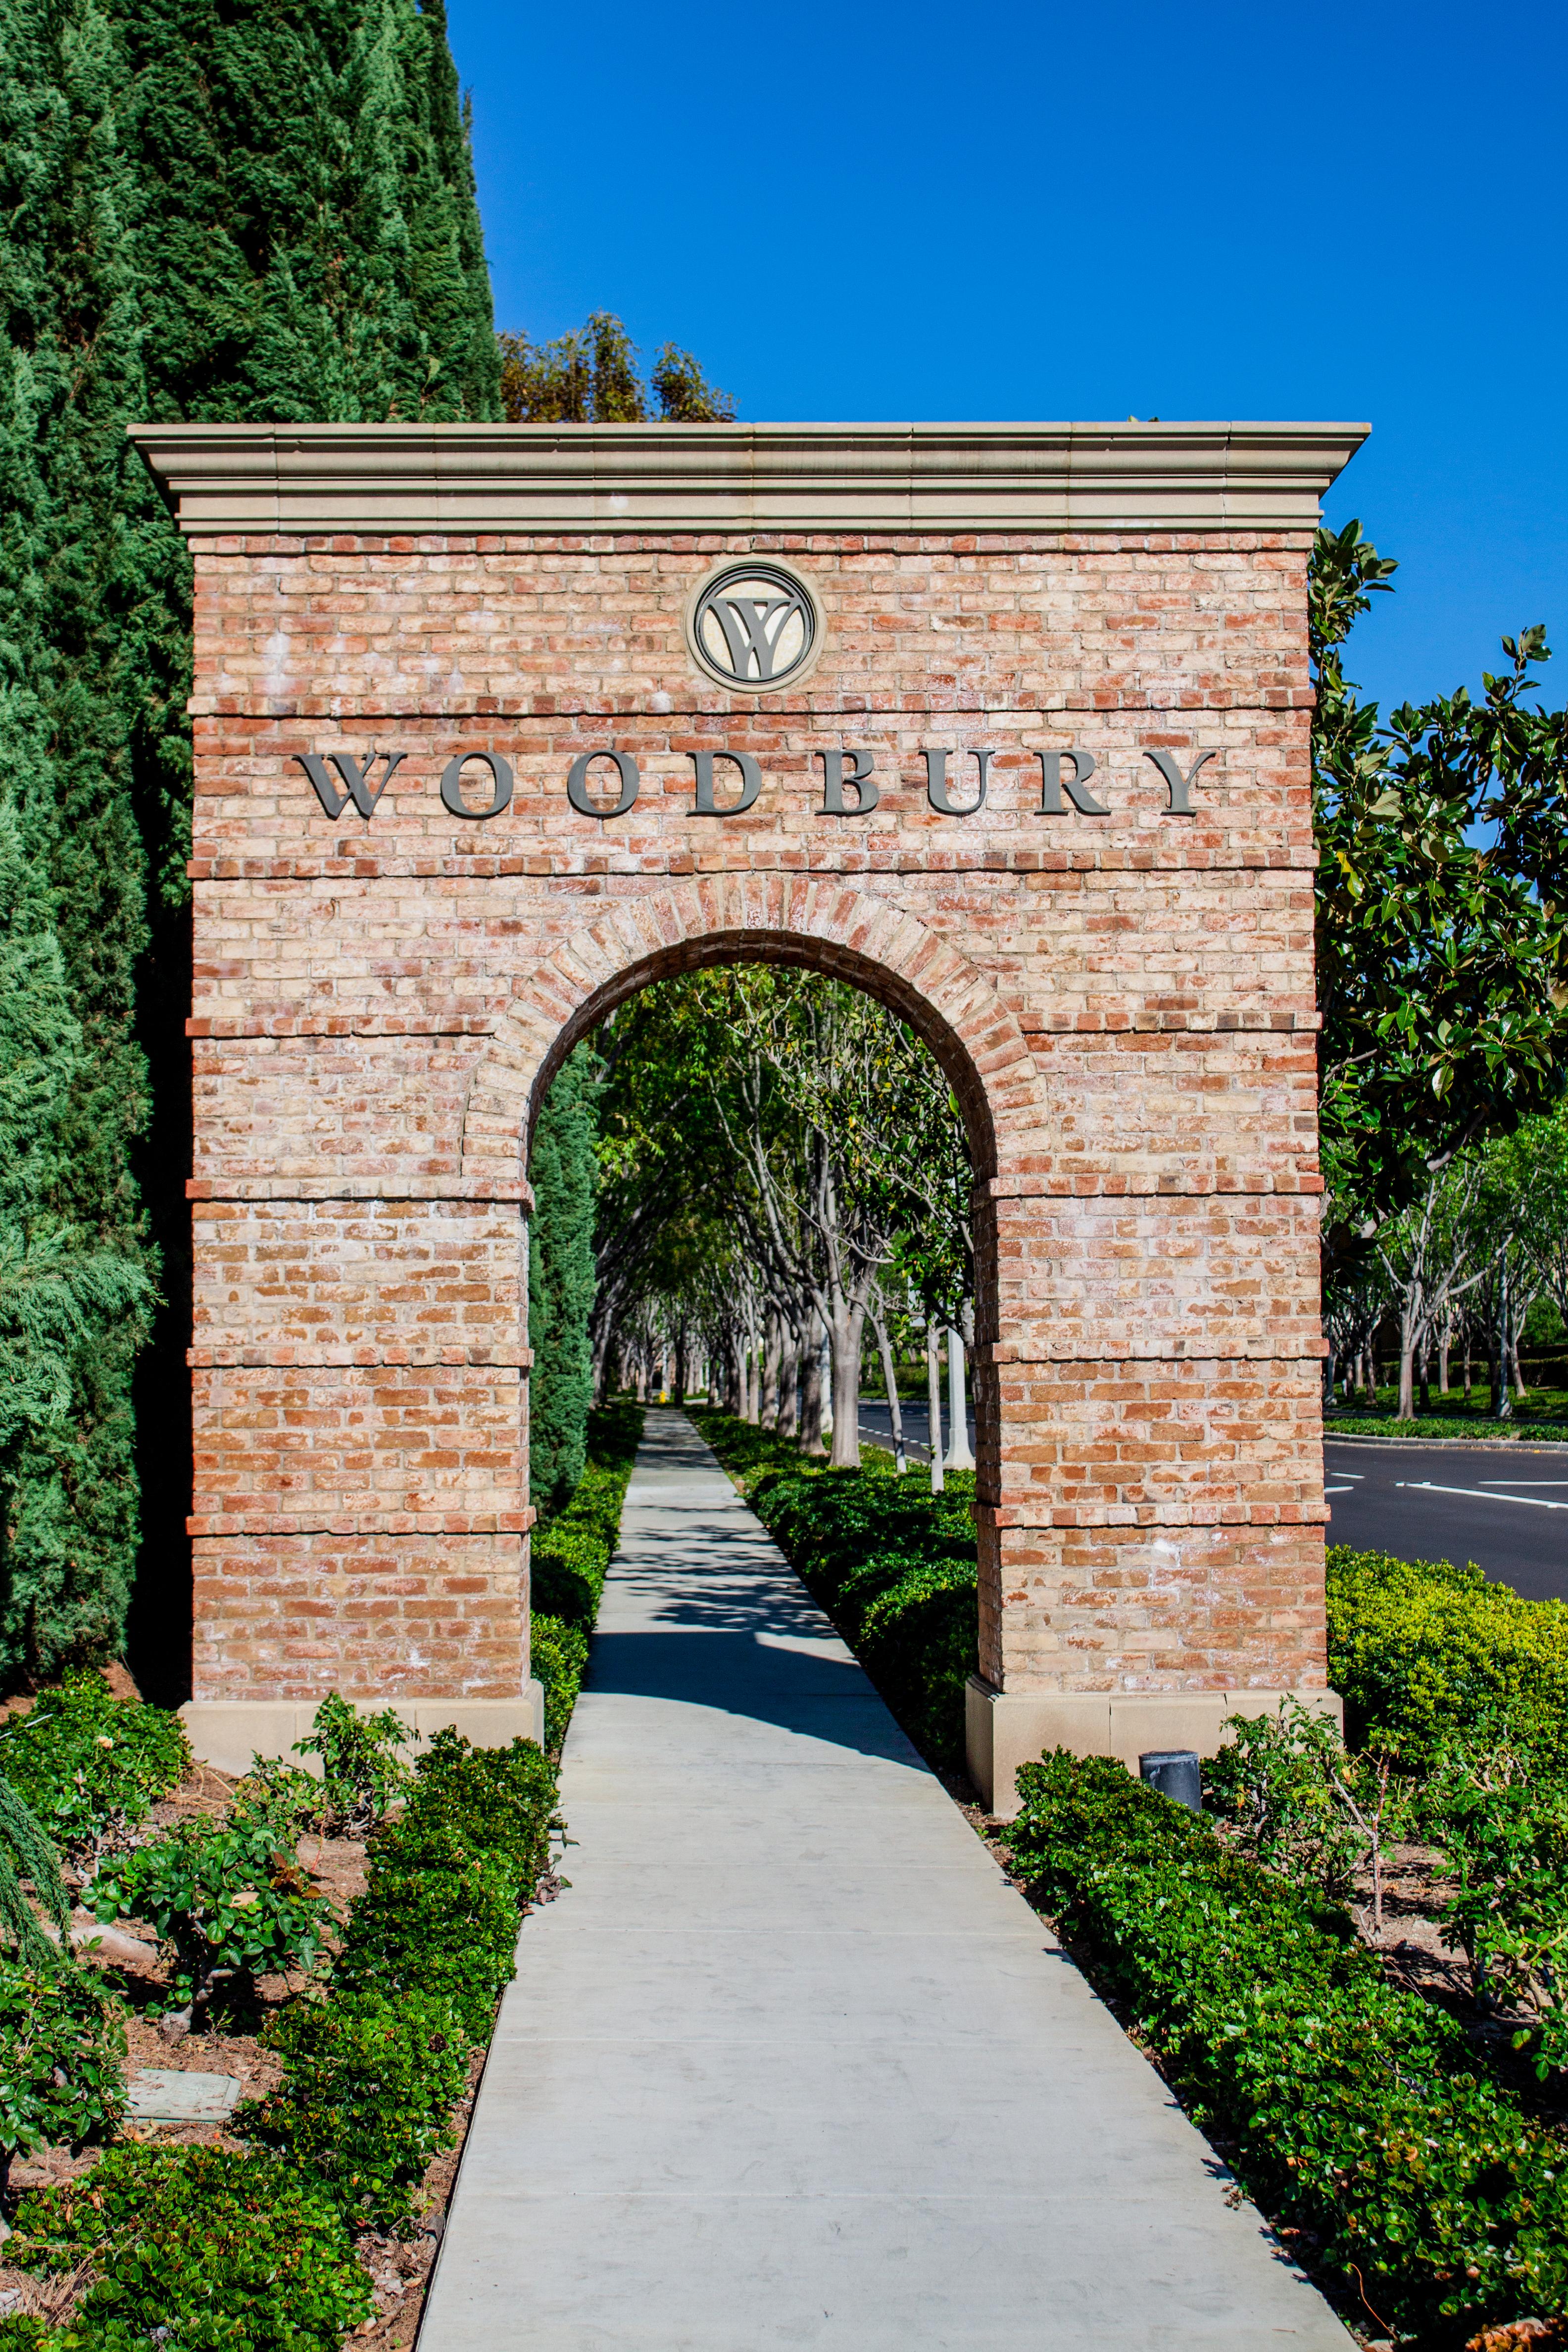 Woodbury Community Entrance